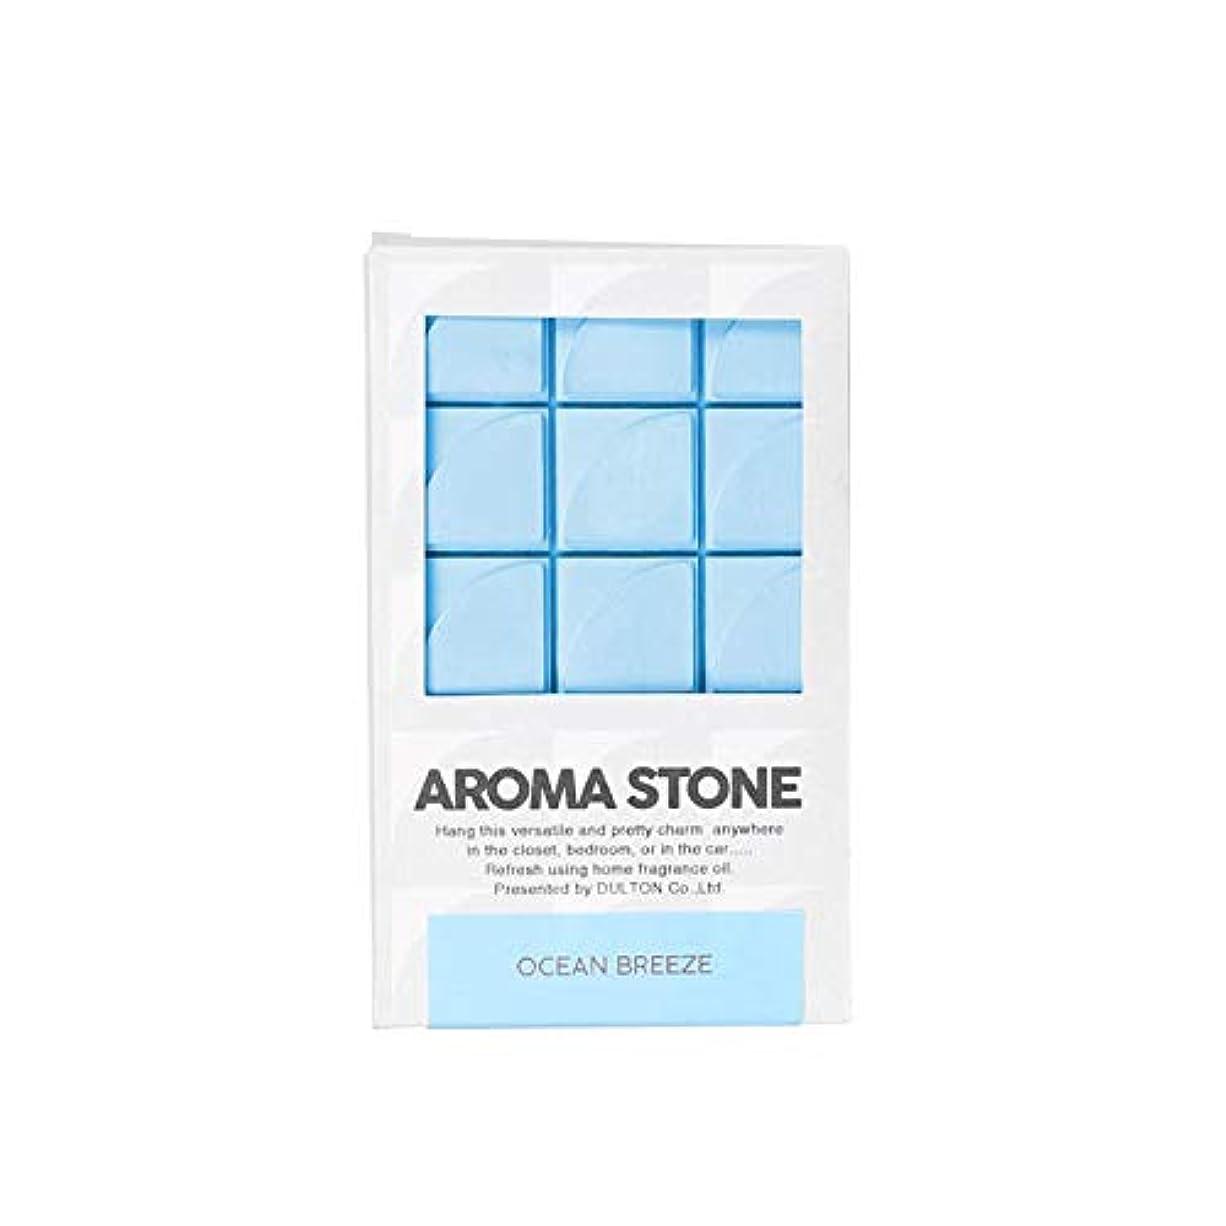 ジャンピングジャック導入するスカーフダルトン Aroma stone アロマストーン G975-1268 Ocean breeze